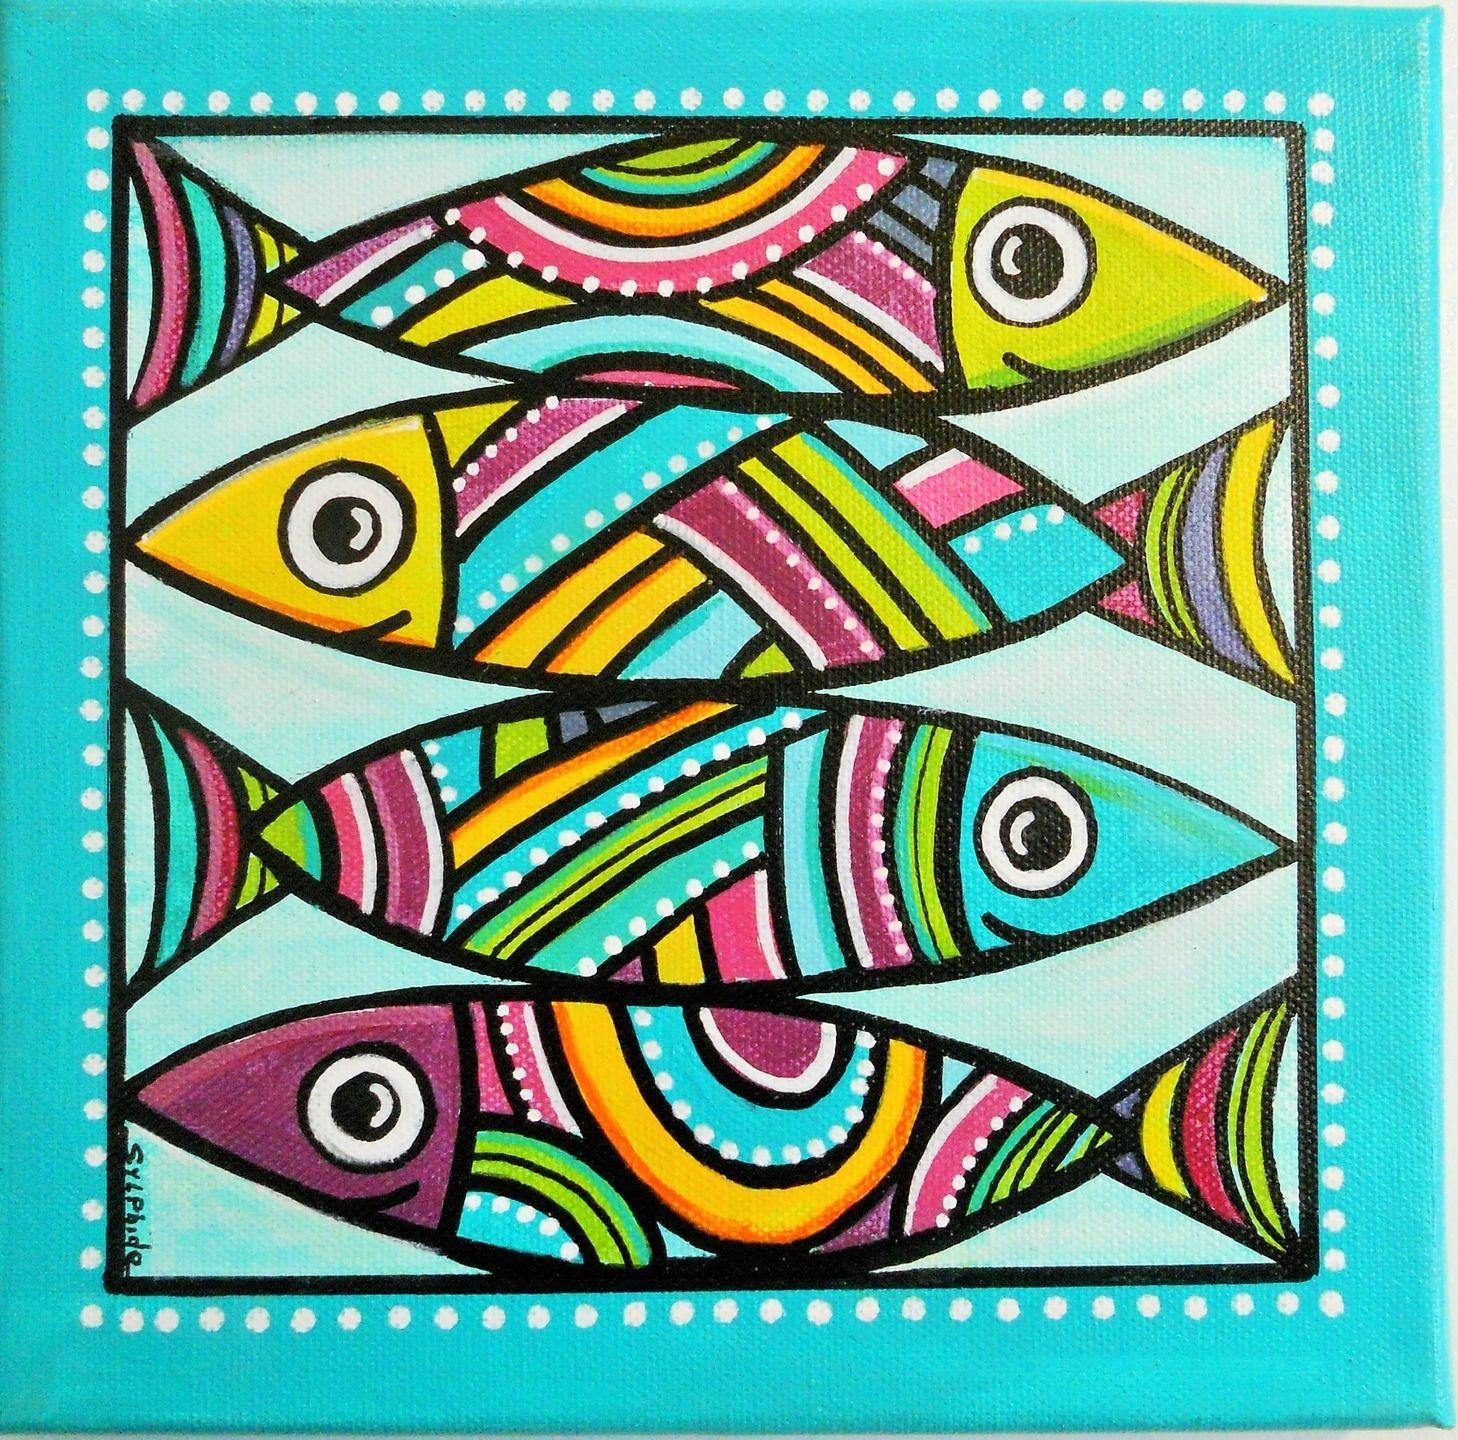 les sardines un tableau de poissons color s d corations murales par sylphide sylphide. Black Bedroom Furniture Sets. Home Design Ideas